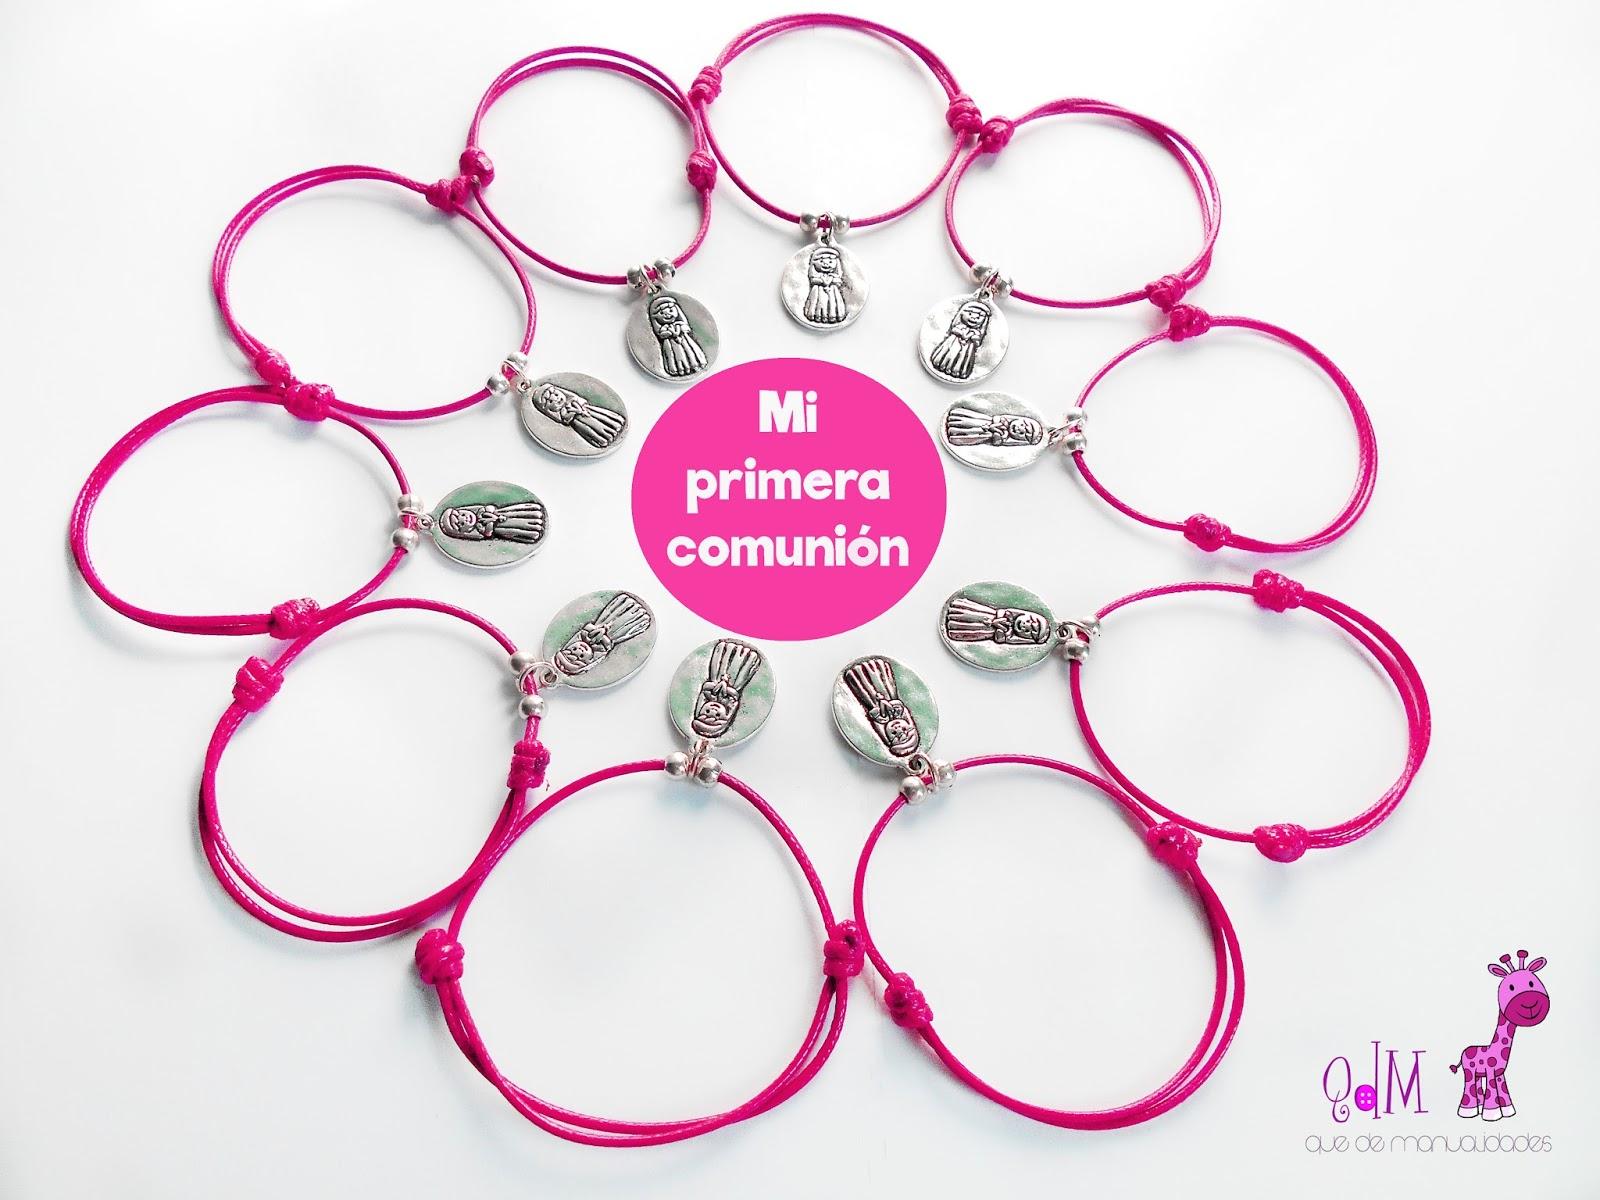 Detalles para comuniones pulseras que de manualidades - Manualidades para comunion de nina ...